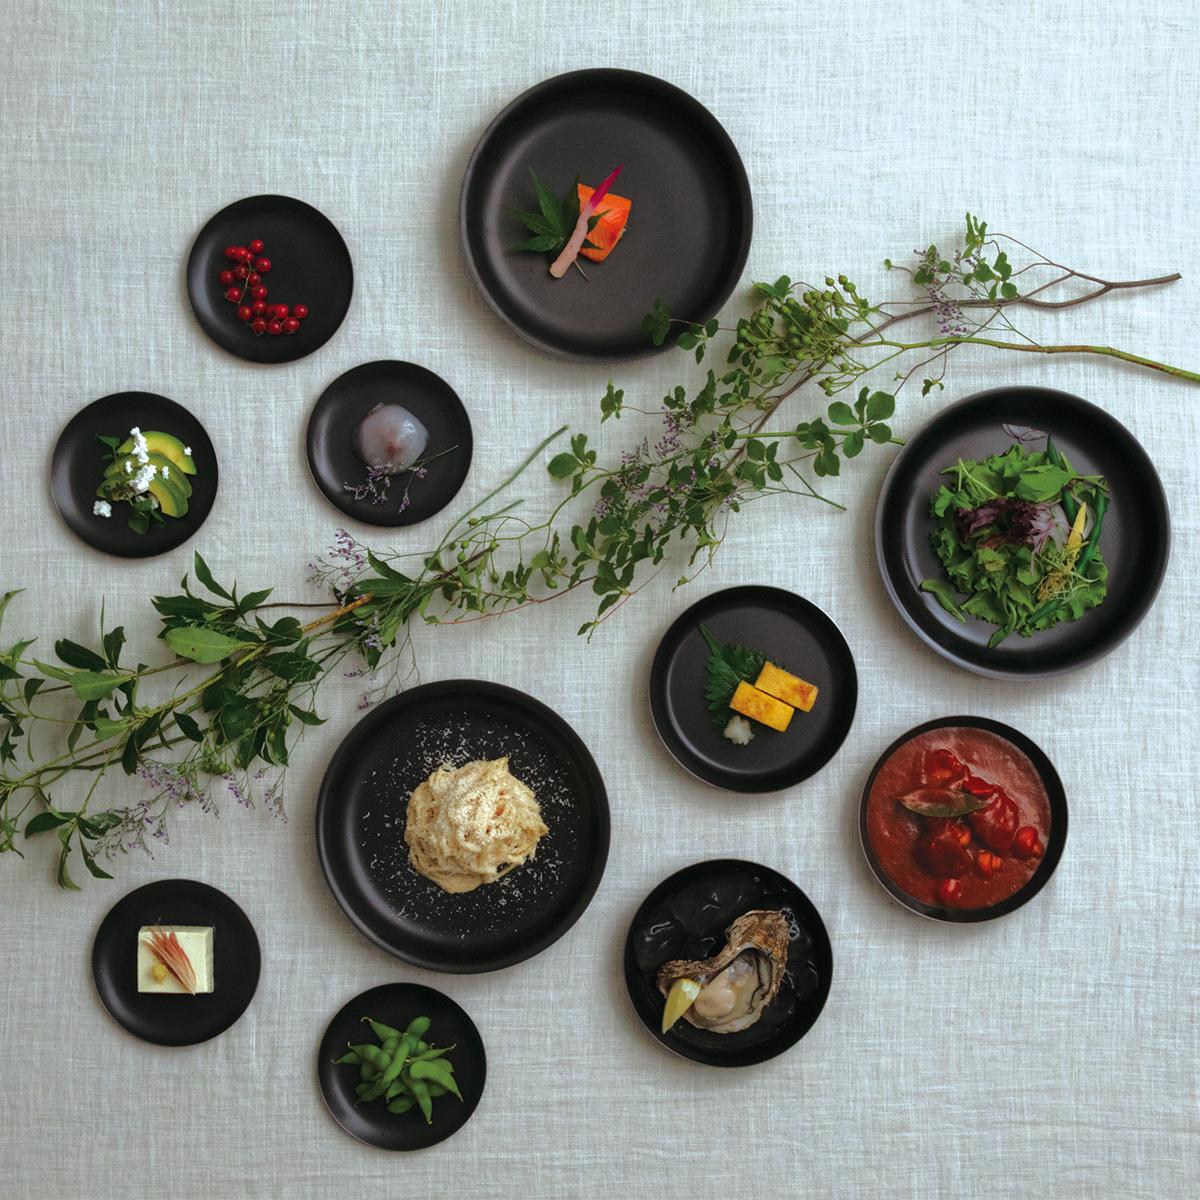 黒い器に盛り付けた食材は、輪郭が強調され、前に押し出されて見えるから見栄えがよくなる。落としても割れない、黒染めステンレスの食器(フォーク・スプーン)|KURO(96)クロ